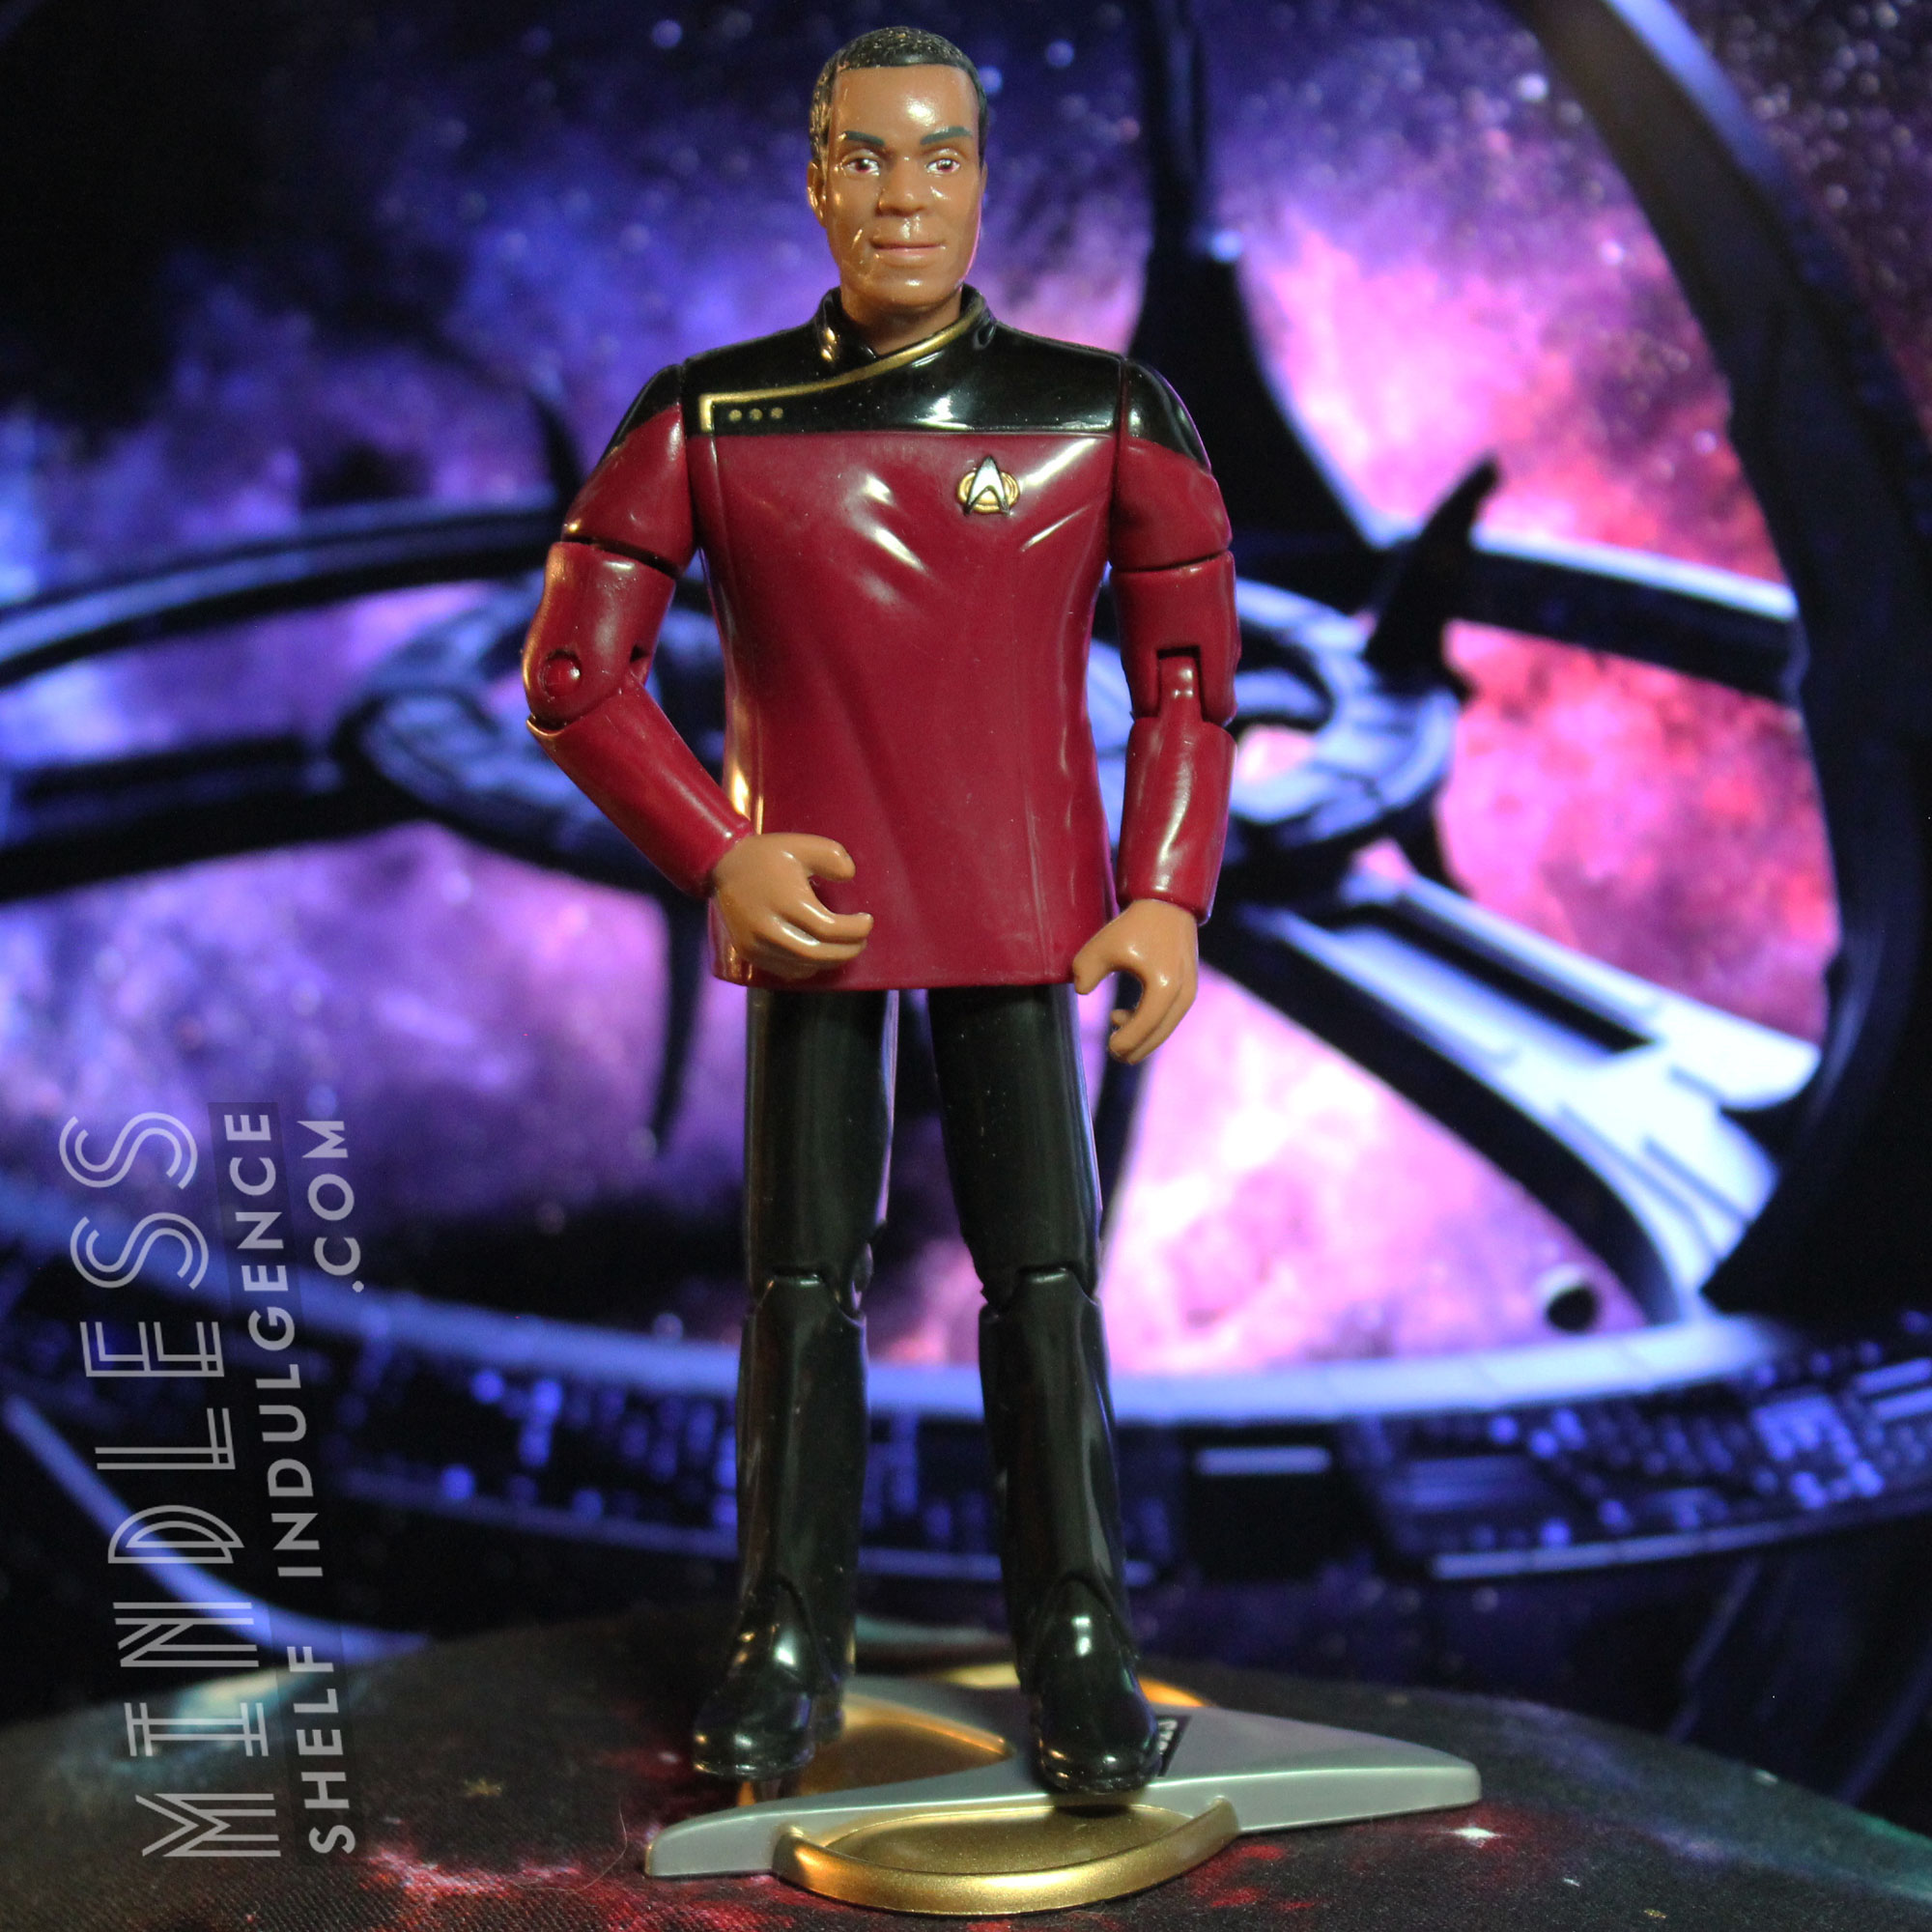 Sisko in Dress Uniform